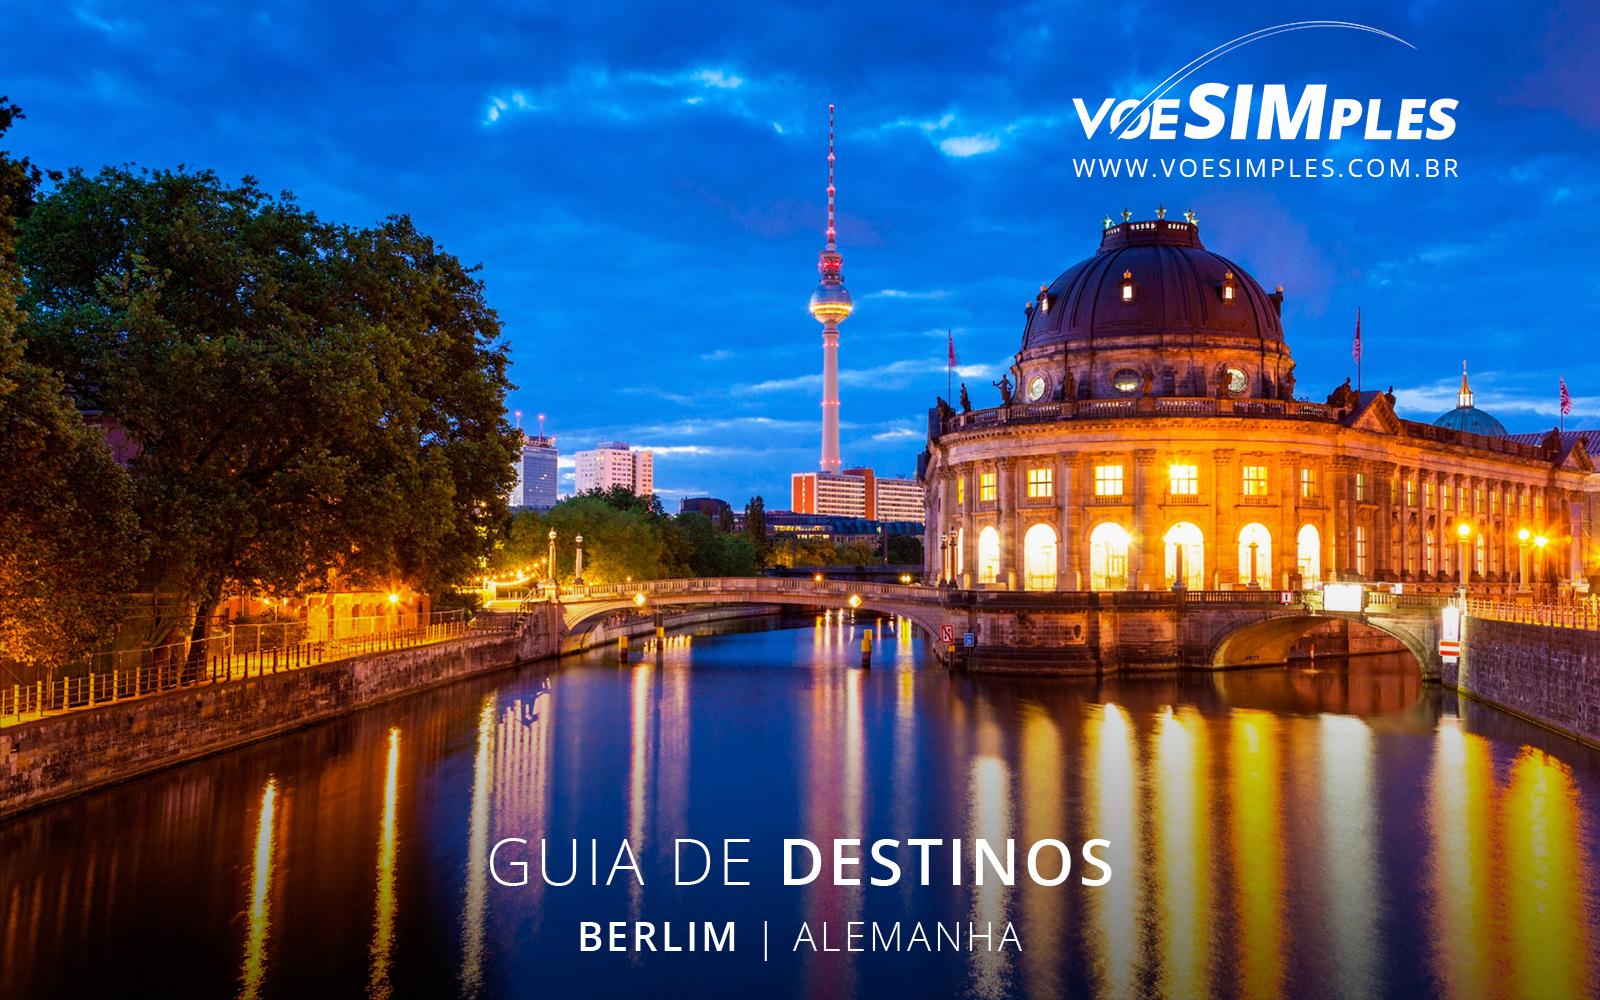 fotos-guia-destinos-voe-simples-berlim-alemanha-guia-viagens-voesimples-berlim-alemanha-pontos-turisticos-berlim-alemanha-fotos-berlim-04@2x